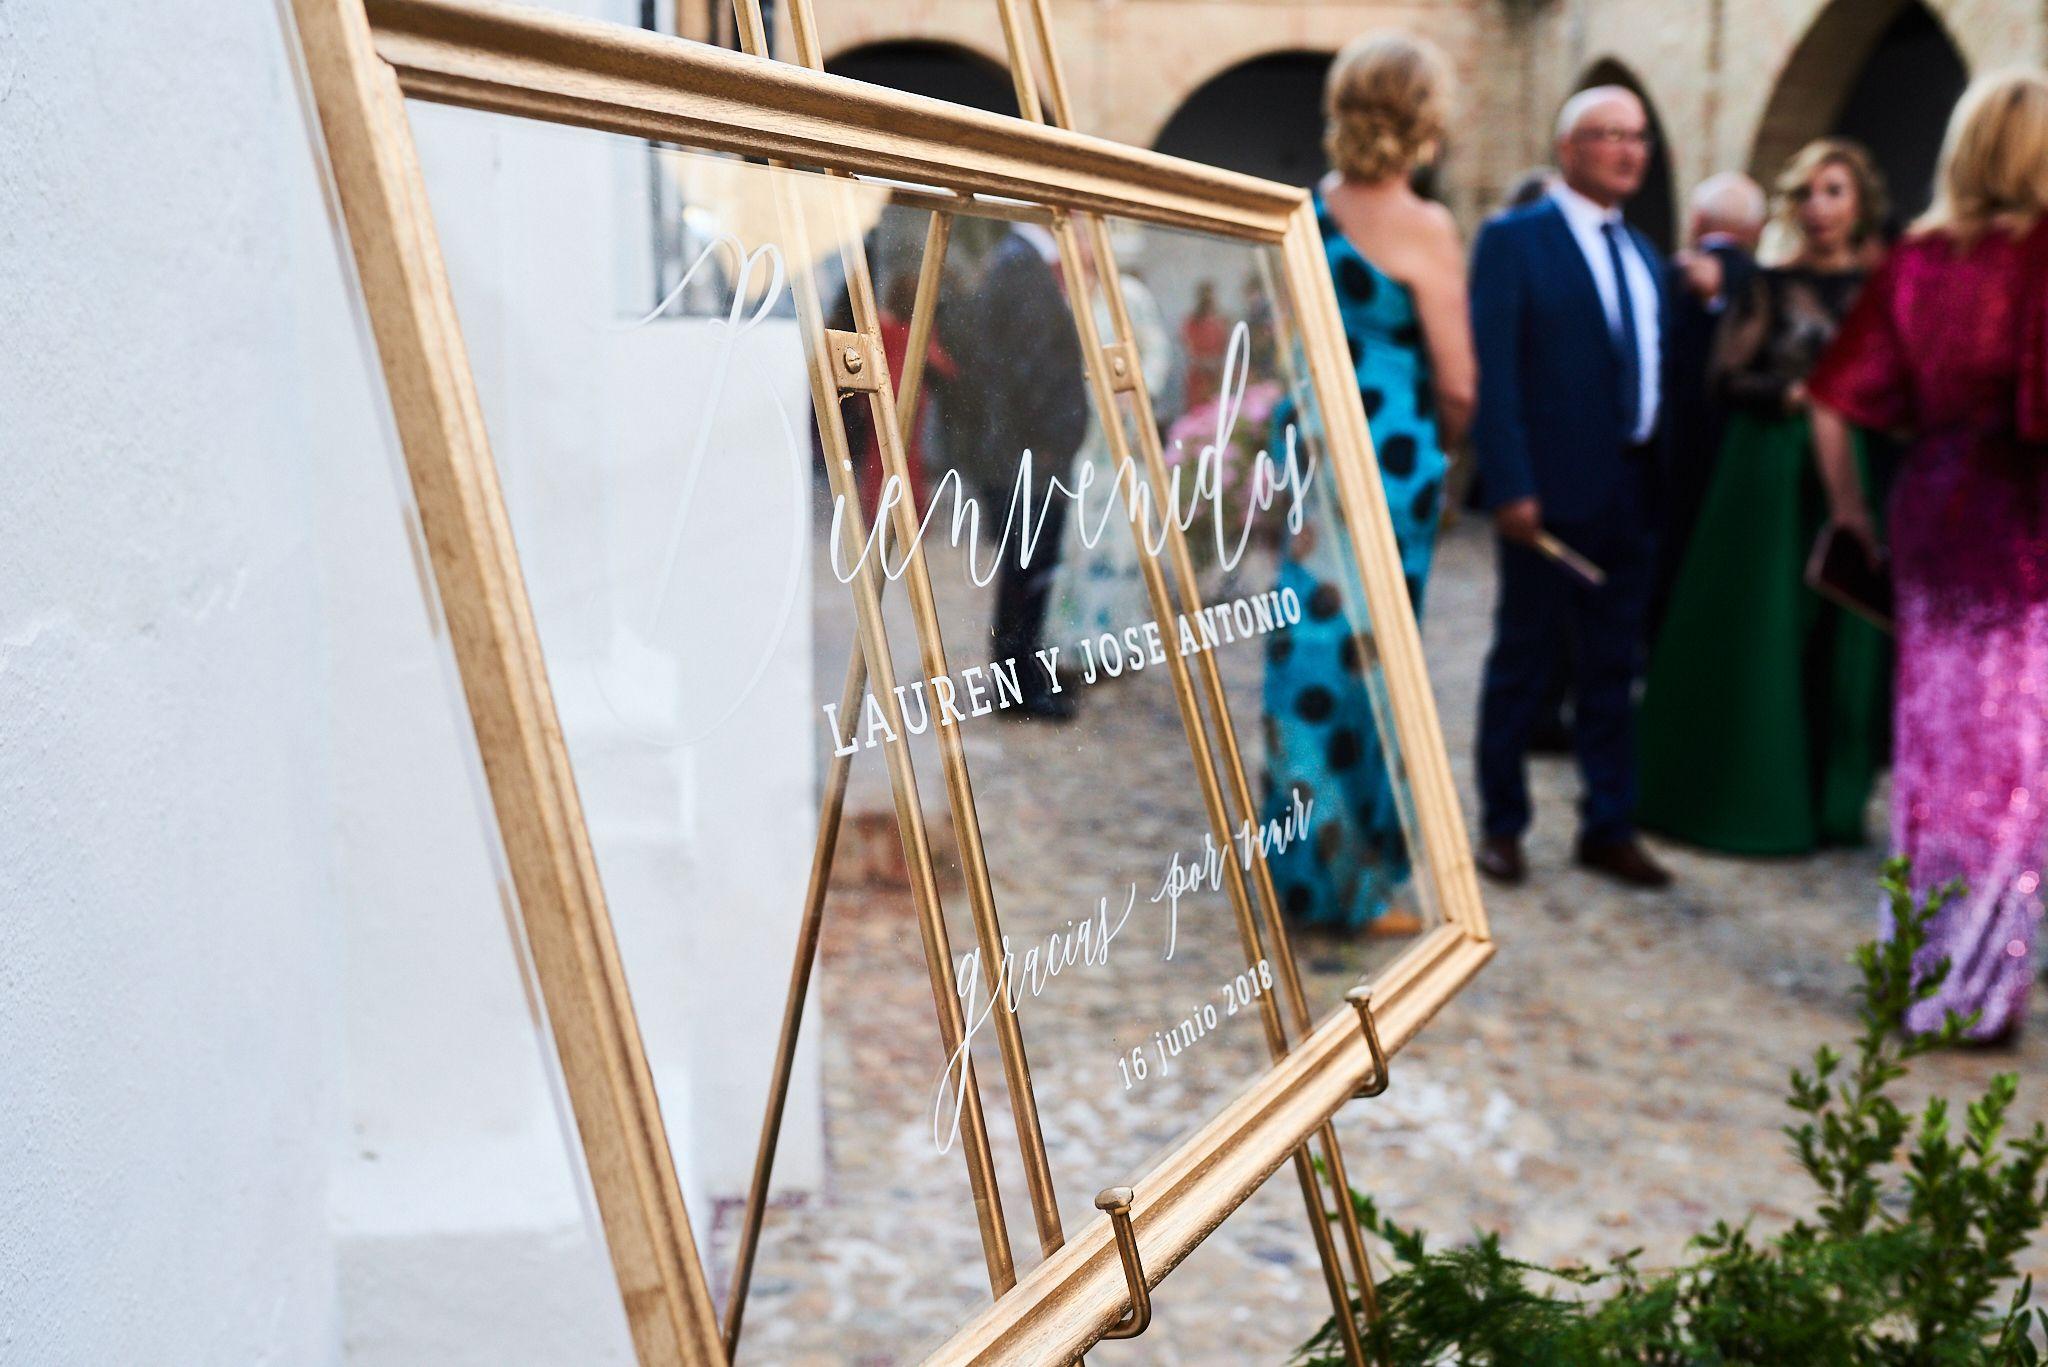 La-22Destination-Wedding22-en-Moguer-de-Lauren-y-JosC3A9-Antonio-JoseAntonio-alejandromarmol2312.jpg